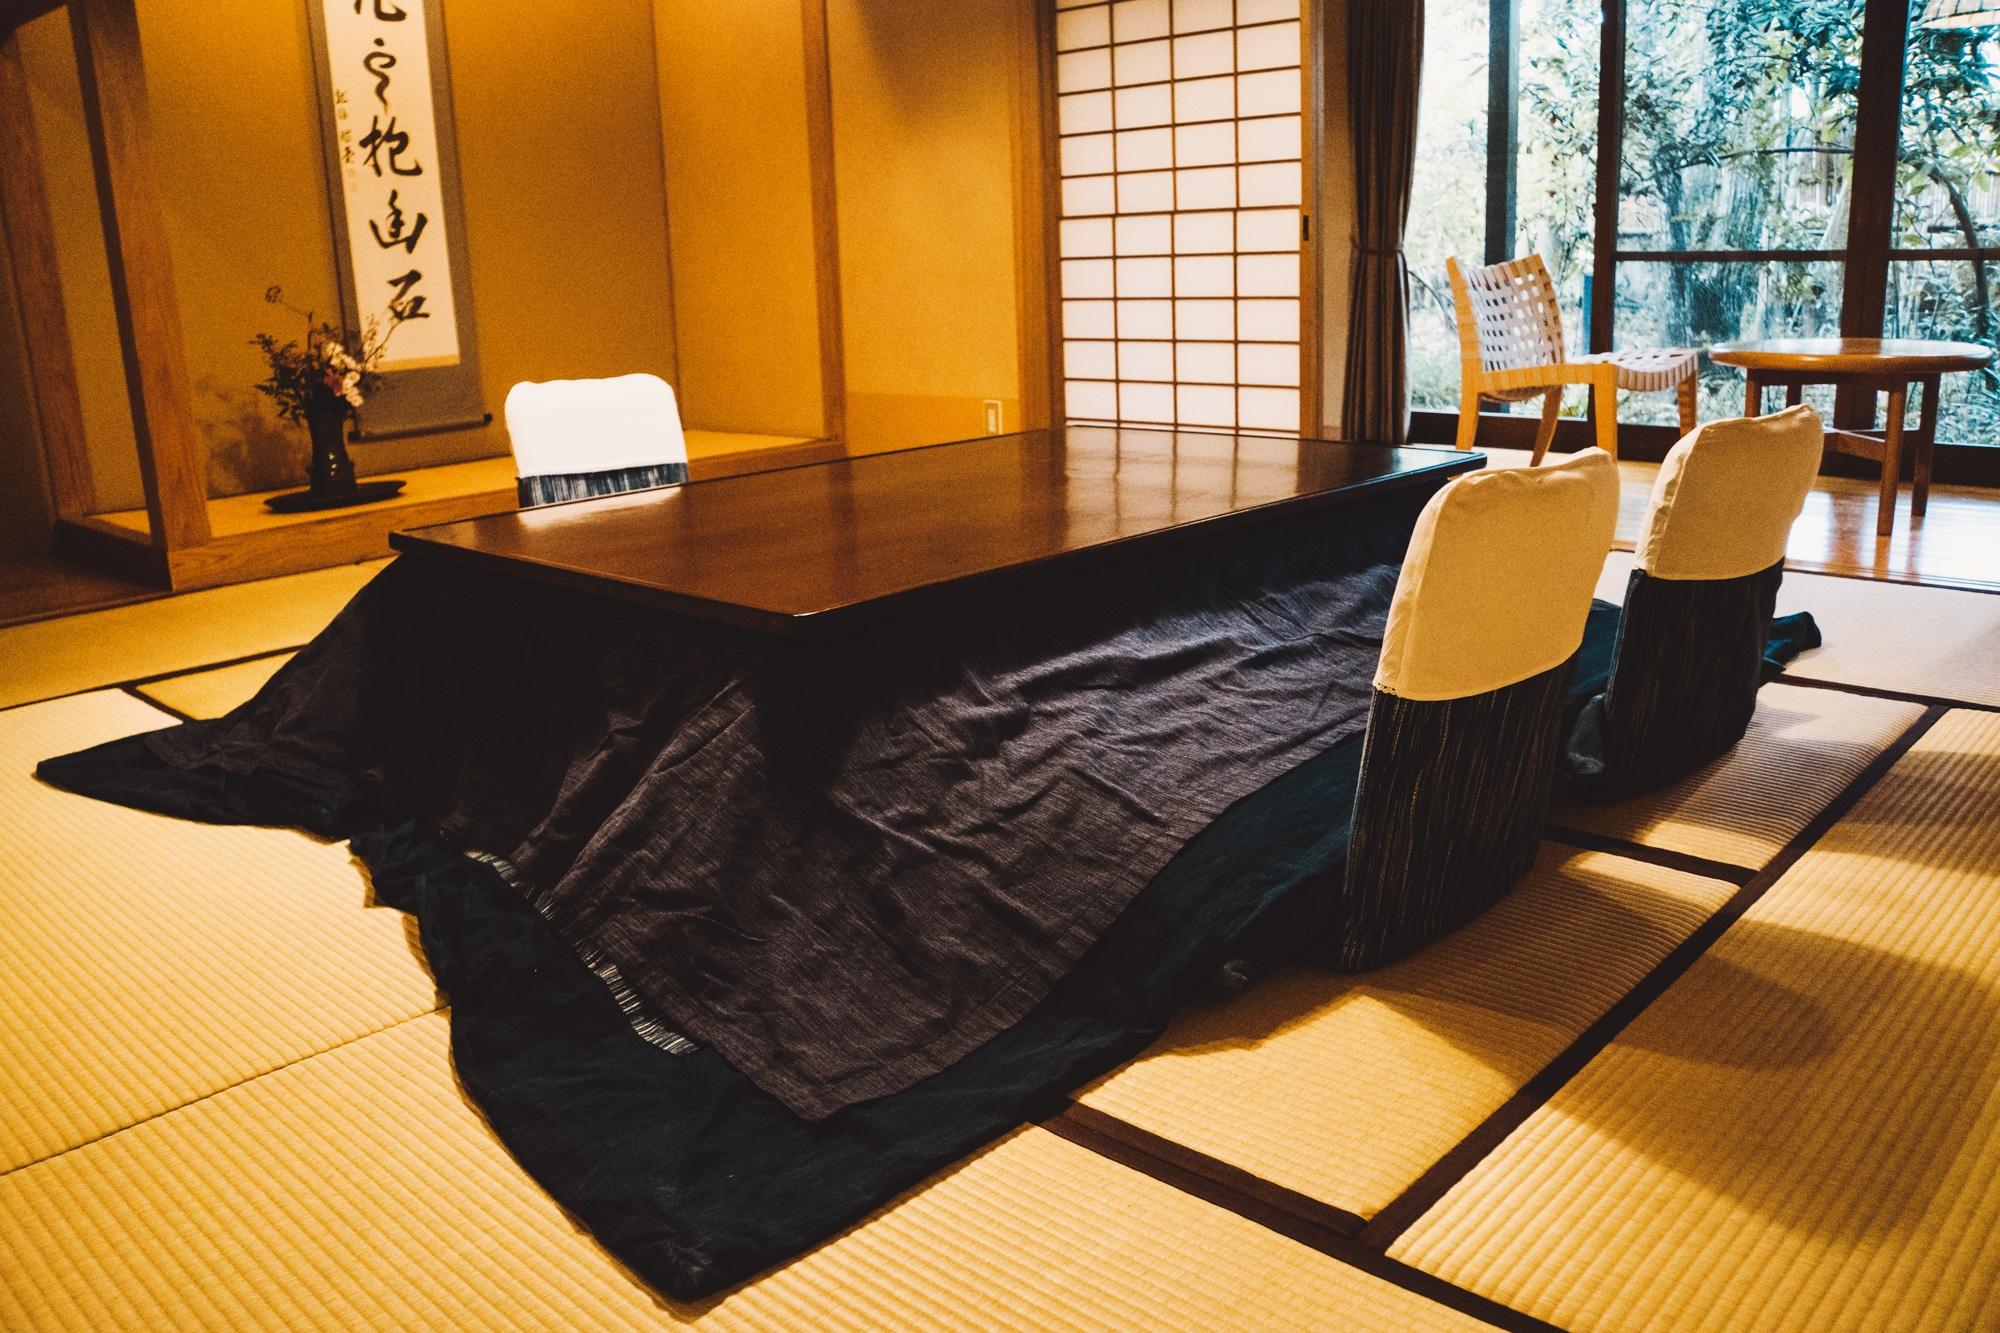 Kyushu Rundreise: Reisetipps, Onsen und Highlights in Japans Süden - Yufuin